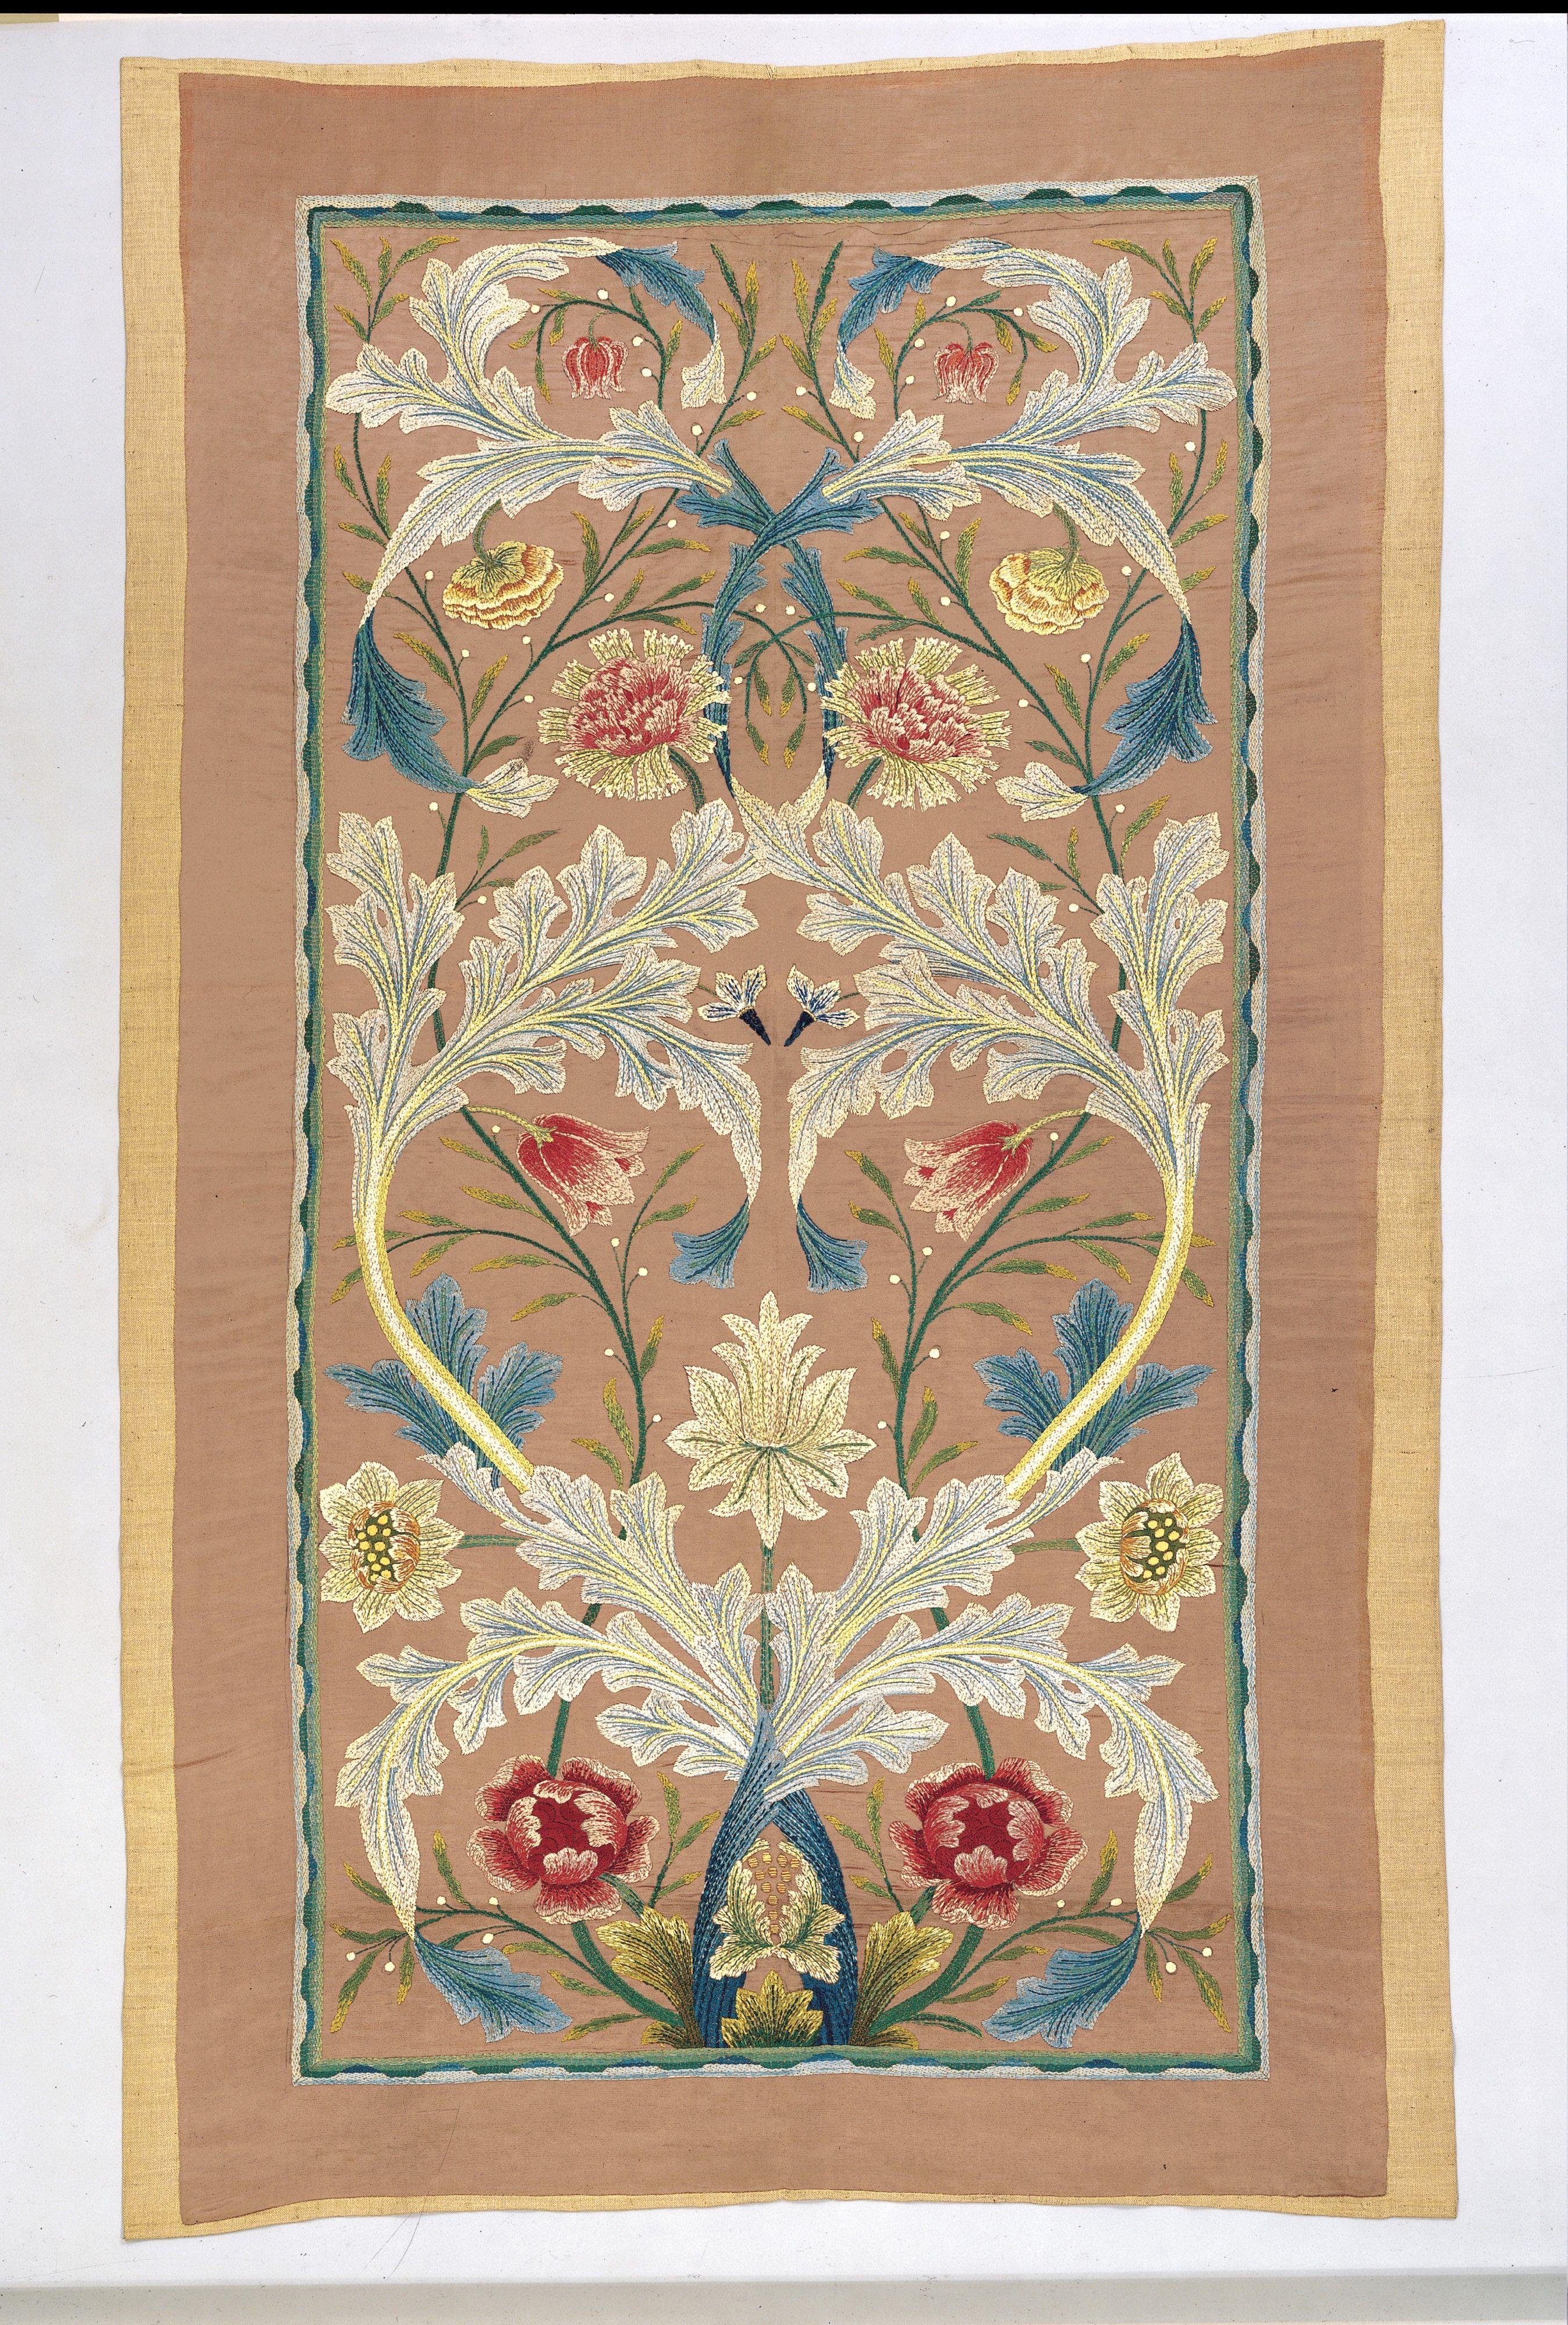 William Morris - Piece - British - The Metropolitan Museum